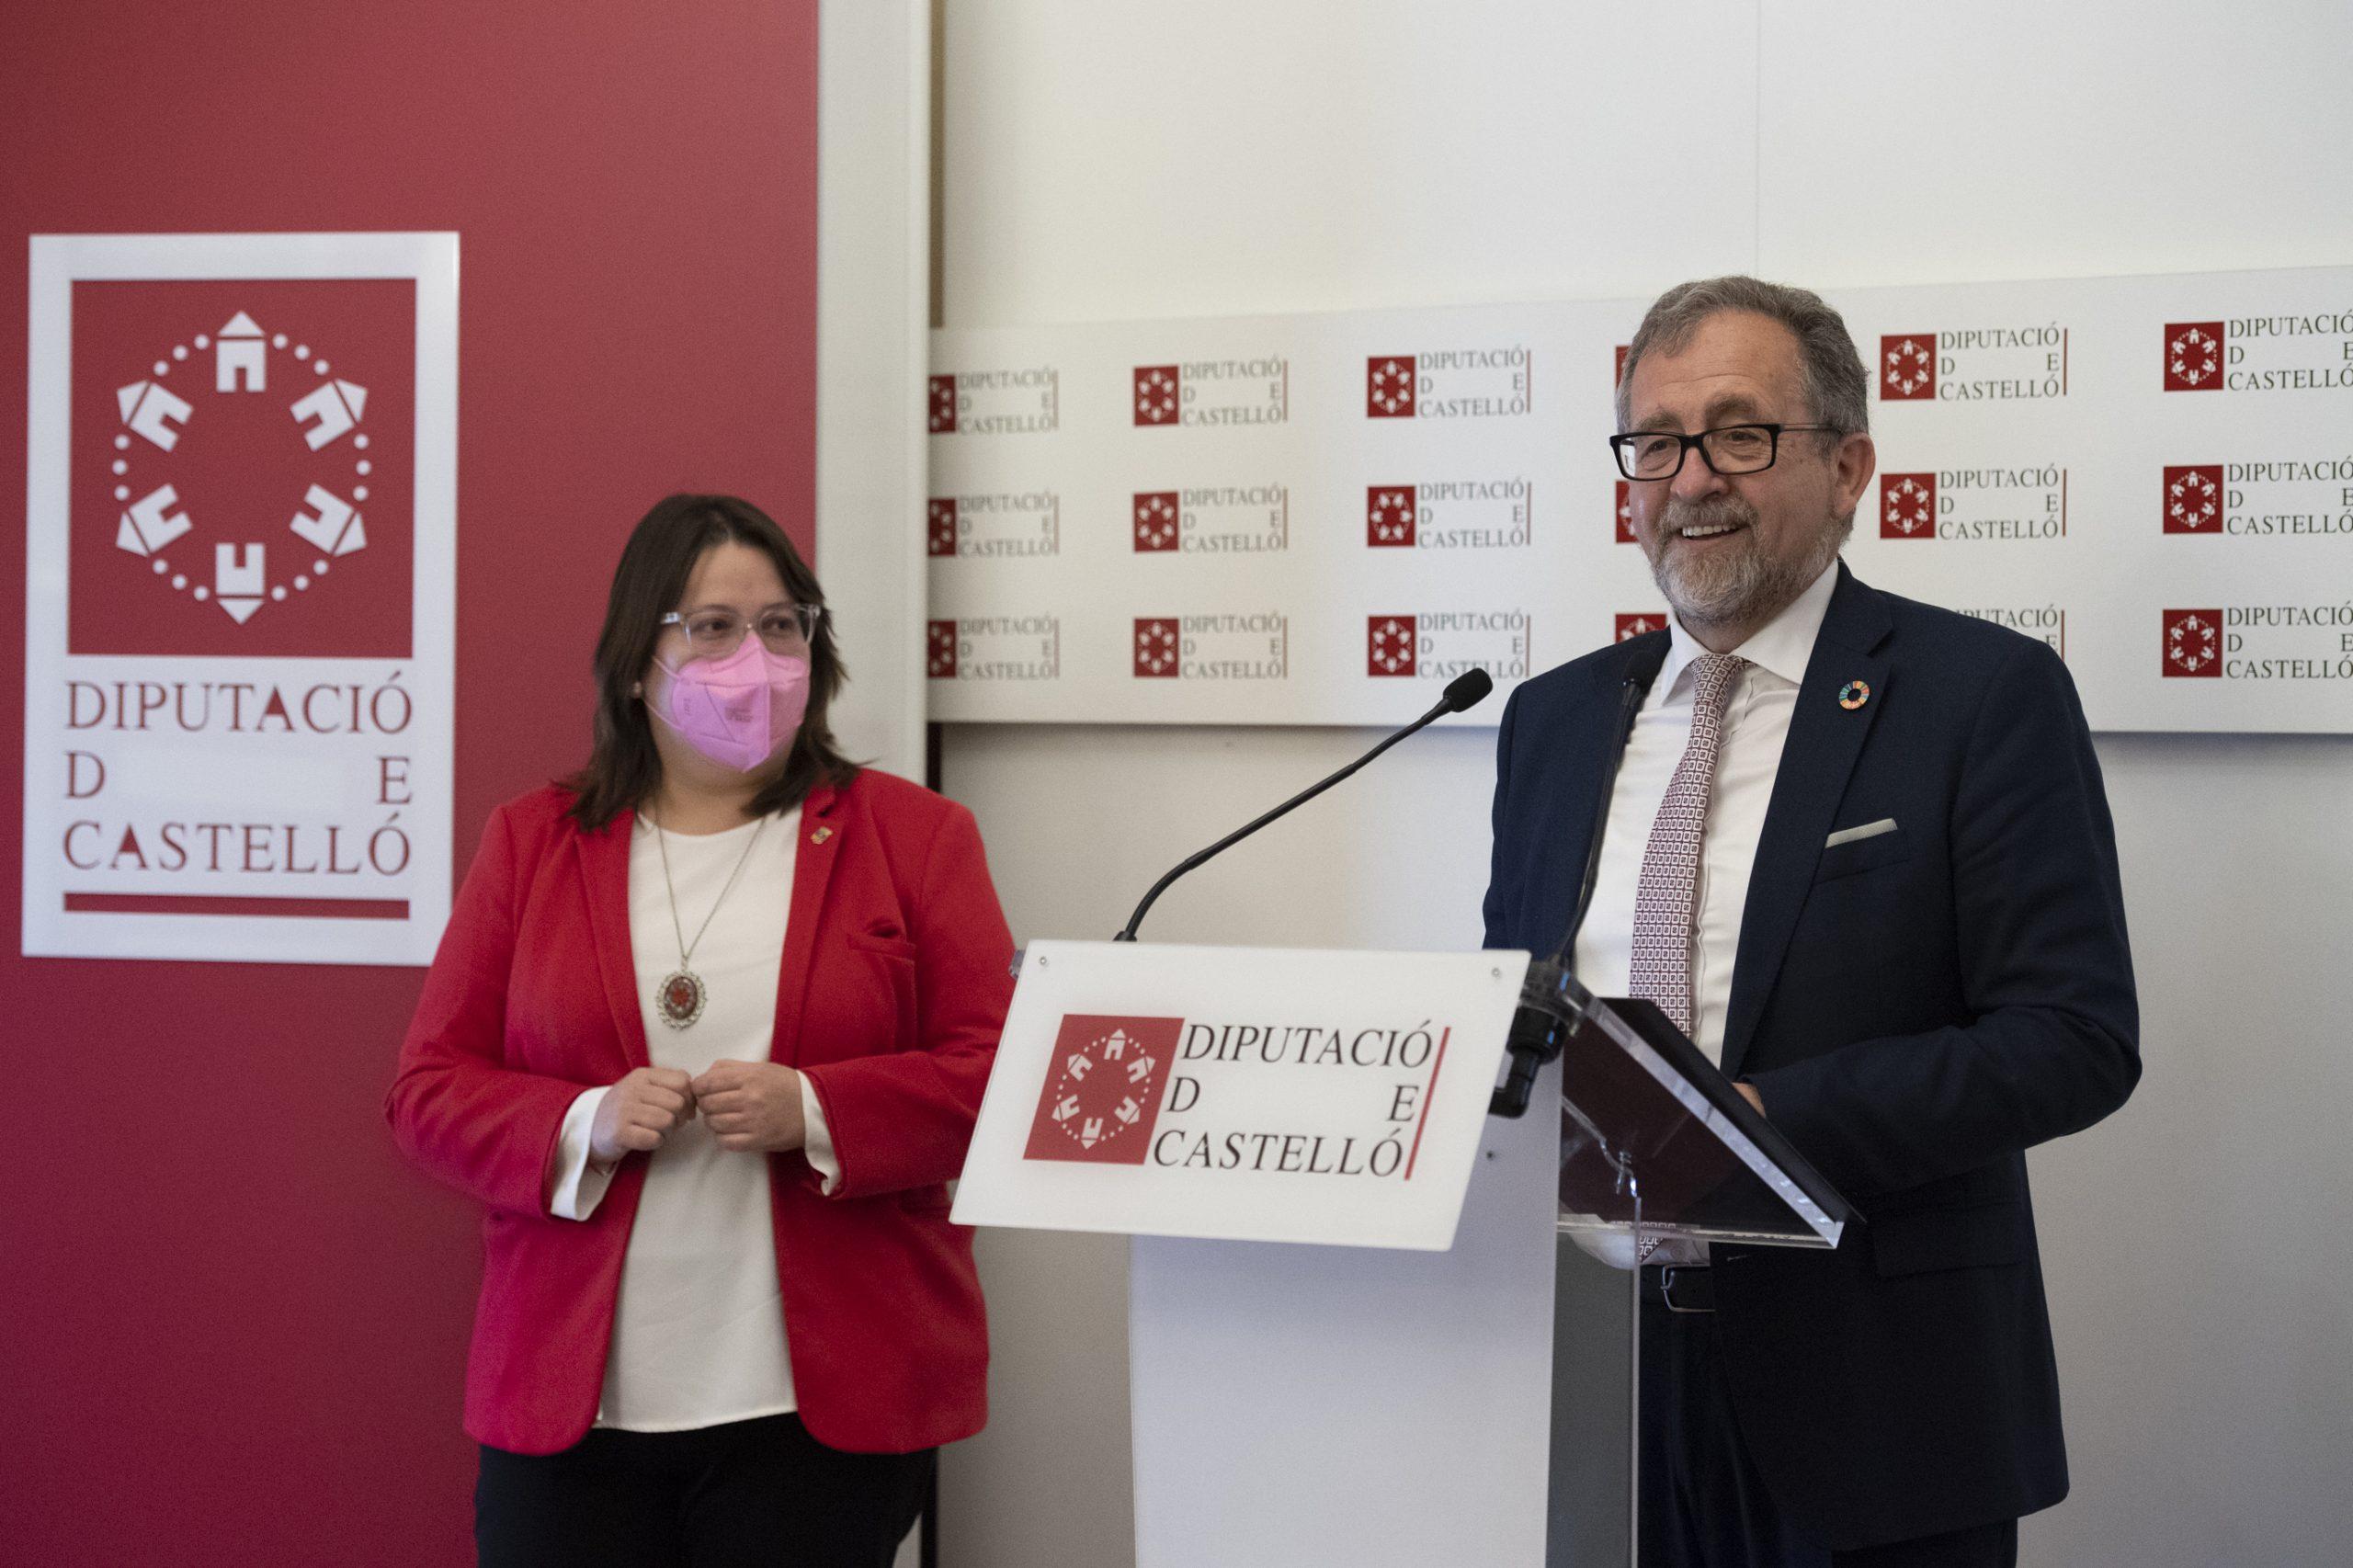 La Diputación entregará el 16 de mayo la Alta Distinción de la Provincia de Castellón al colectivo de los sanitarios